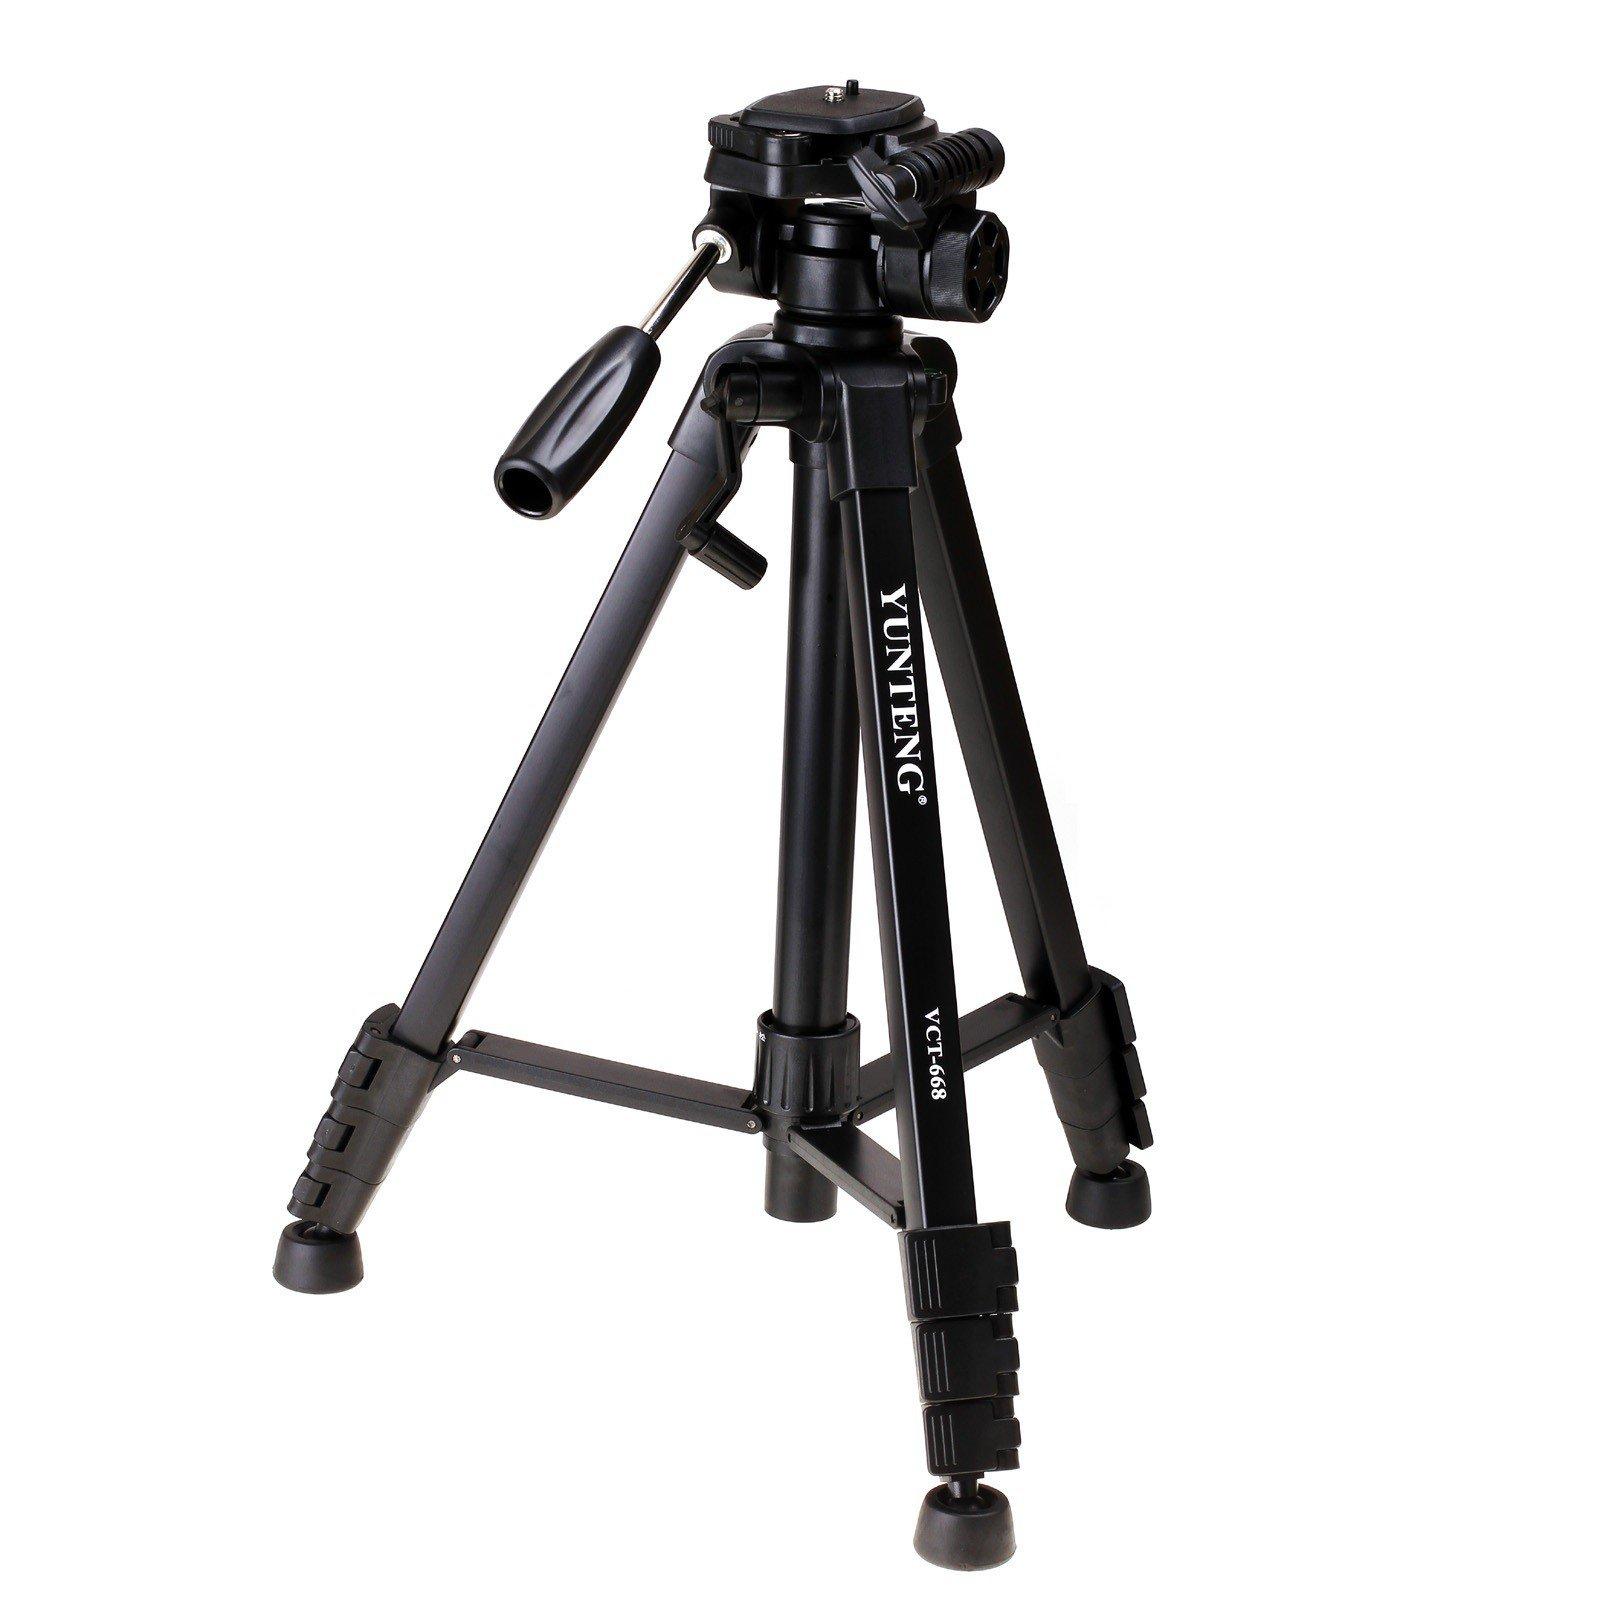 расскажите, что связной штативы для фотоаппаратов называют аппарат, предназначенный